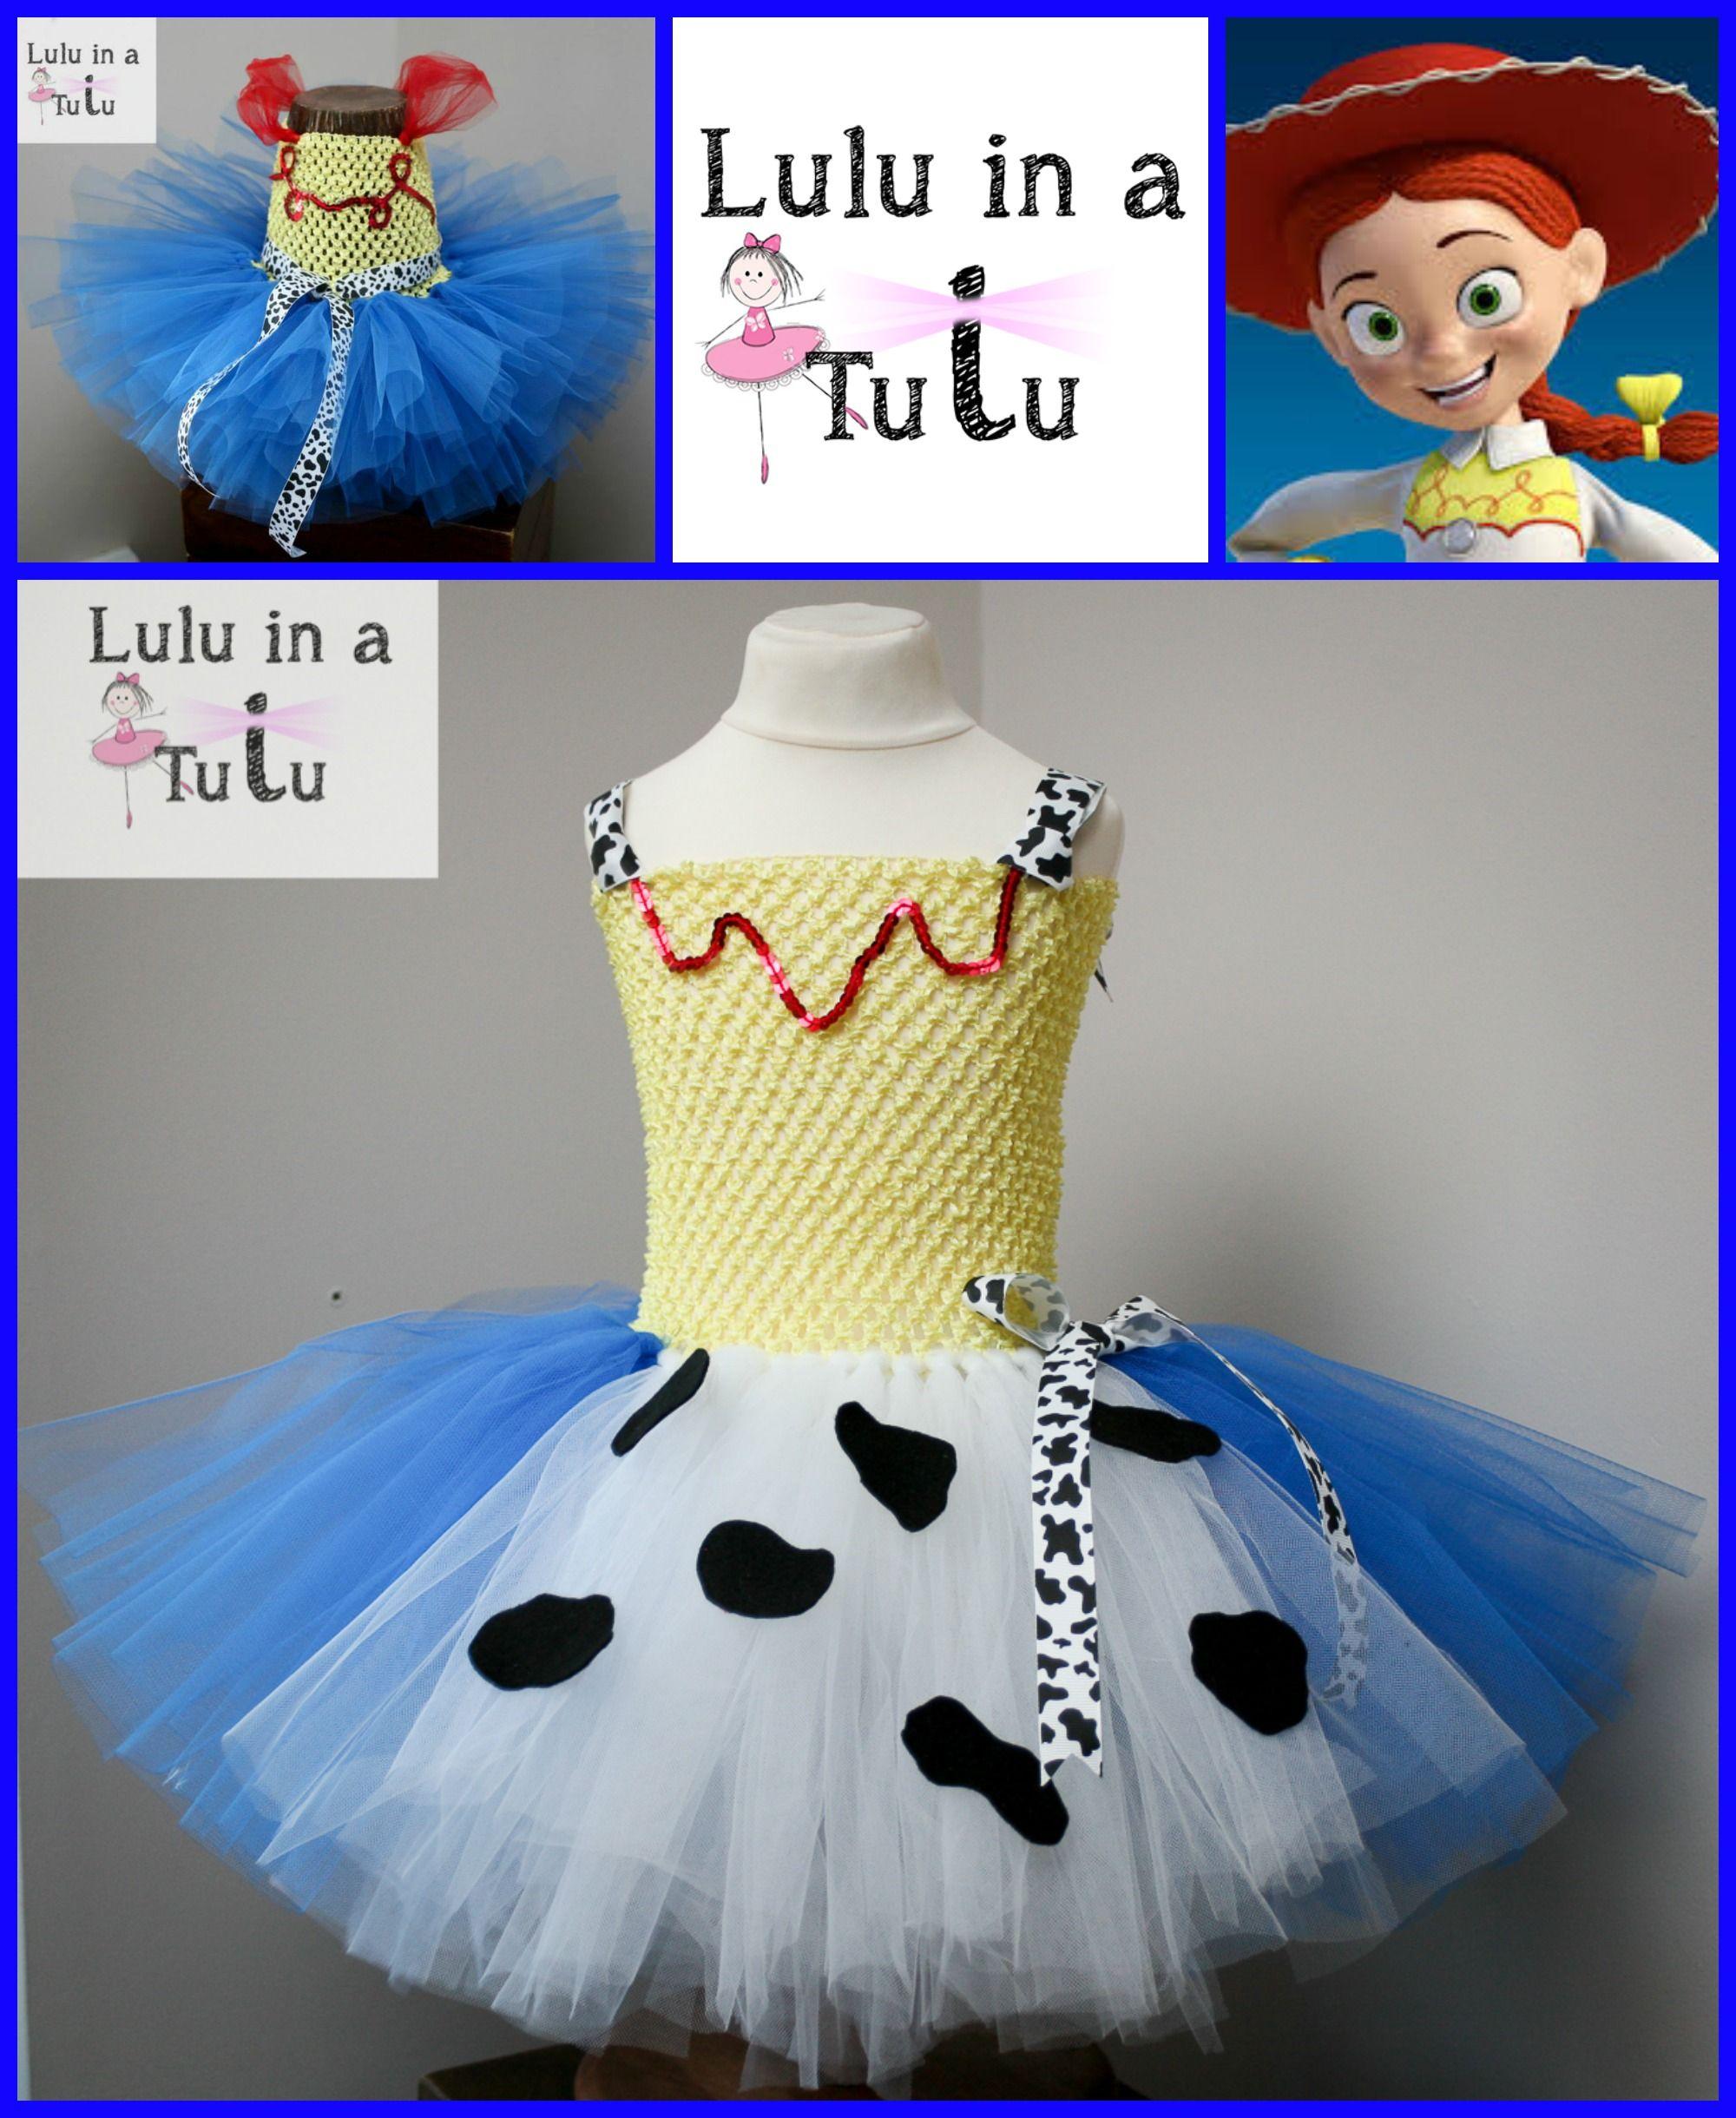 Jessie Cowgirl - Toy Story 1, 2, 3 Inspired Tutu by Lulu in a Tutu  Visit https://www.facebook.com/LuluinaTutu for more tutu designs